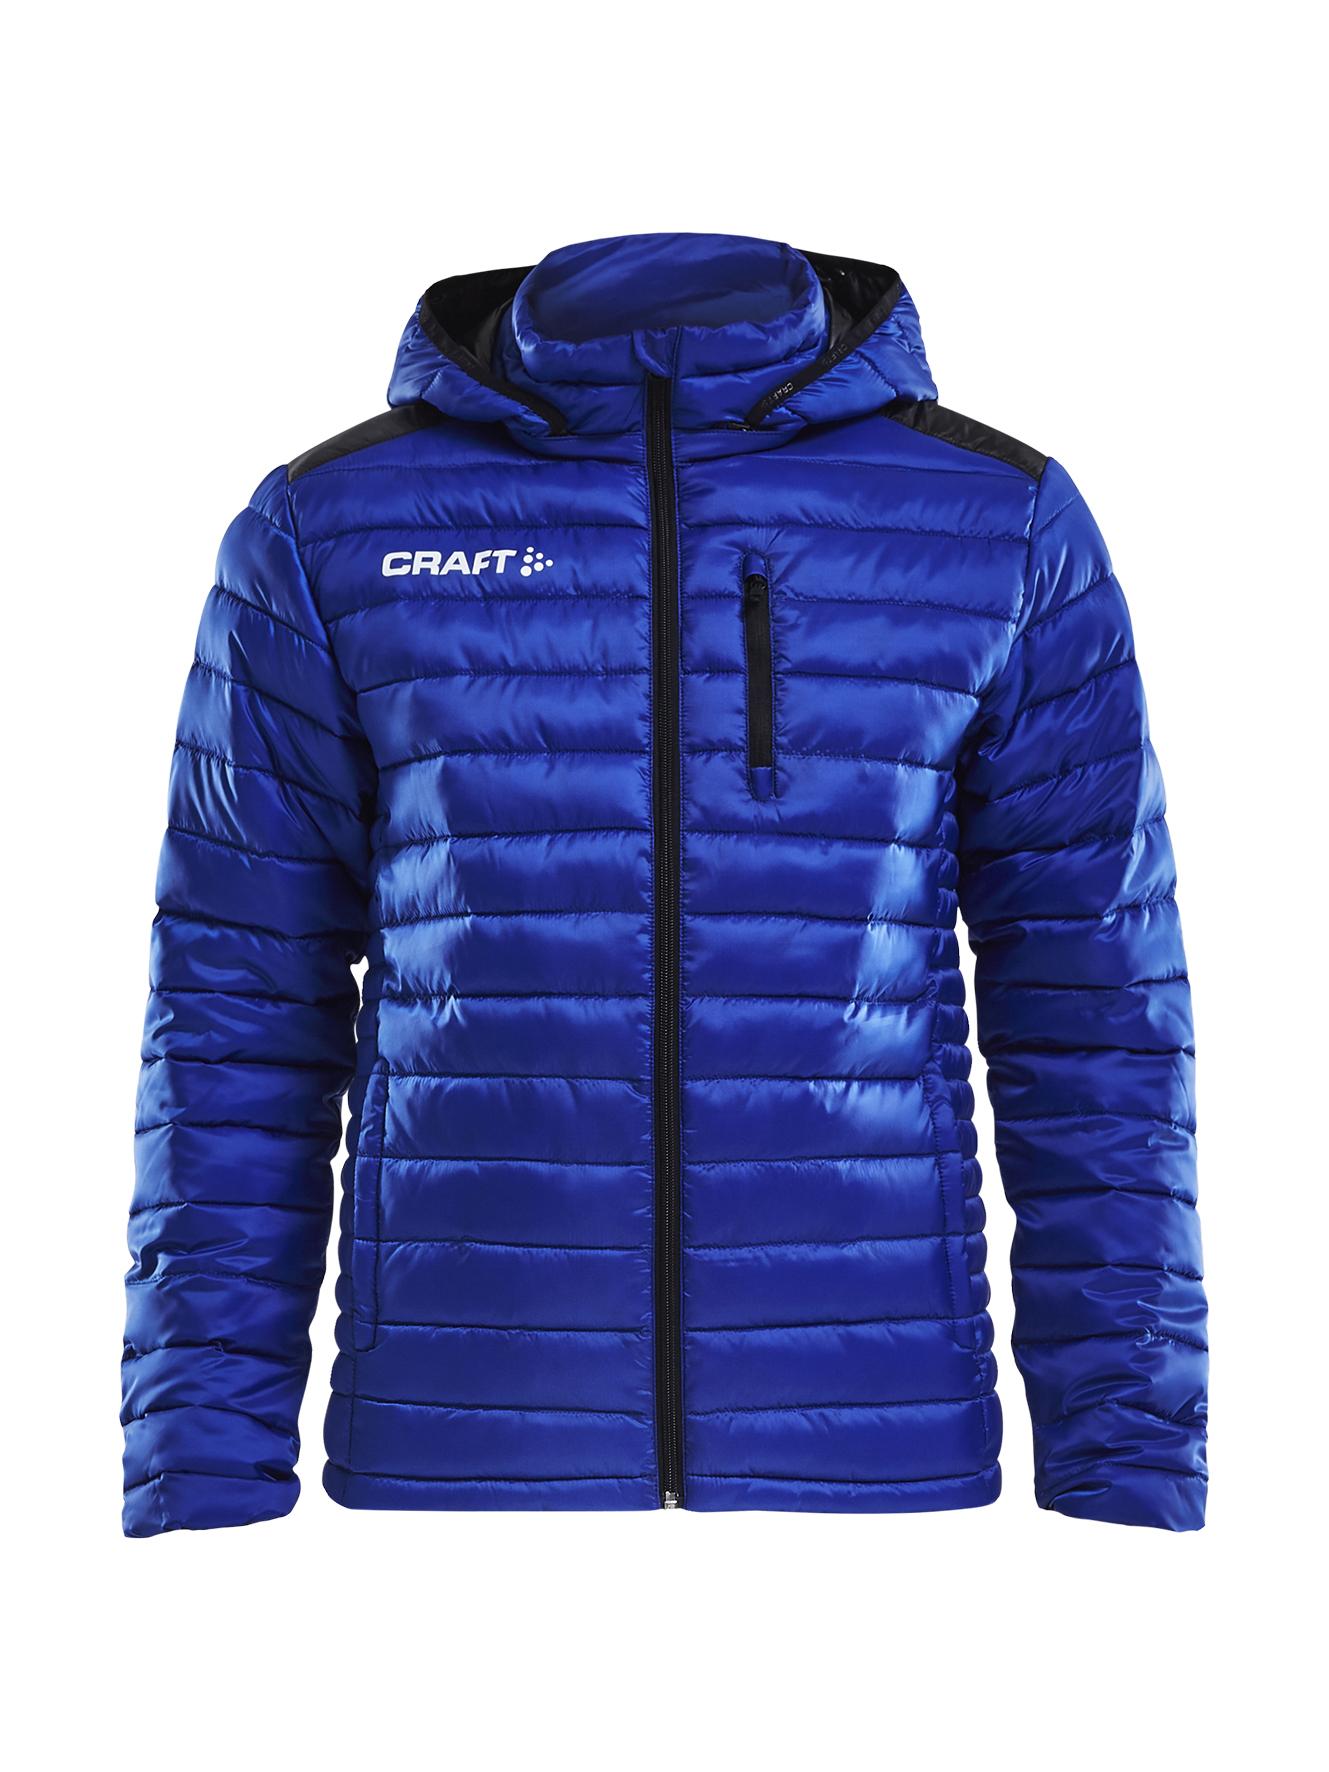 Billede af Craft Isolate Jacket Wind Jacket Men - Cobalt